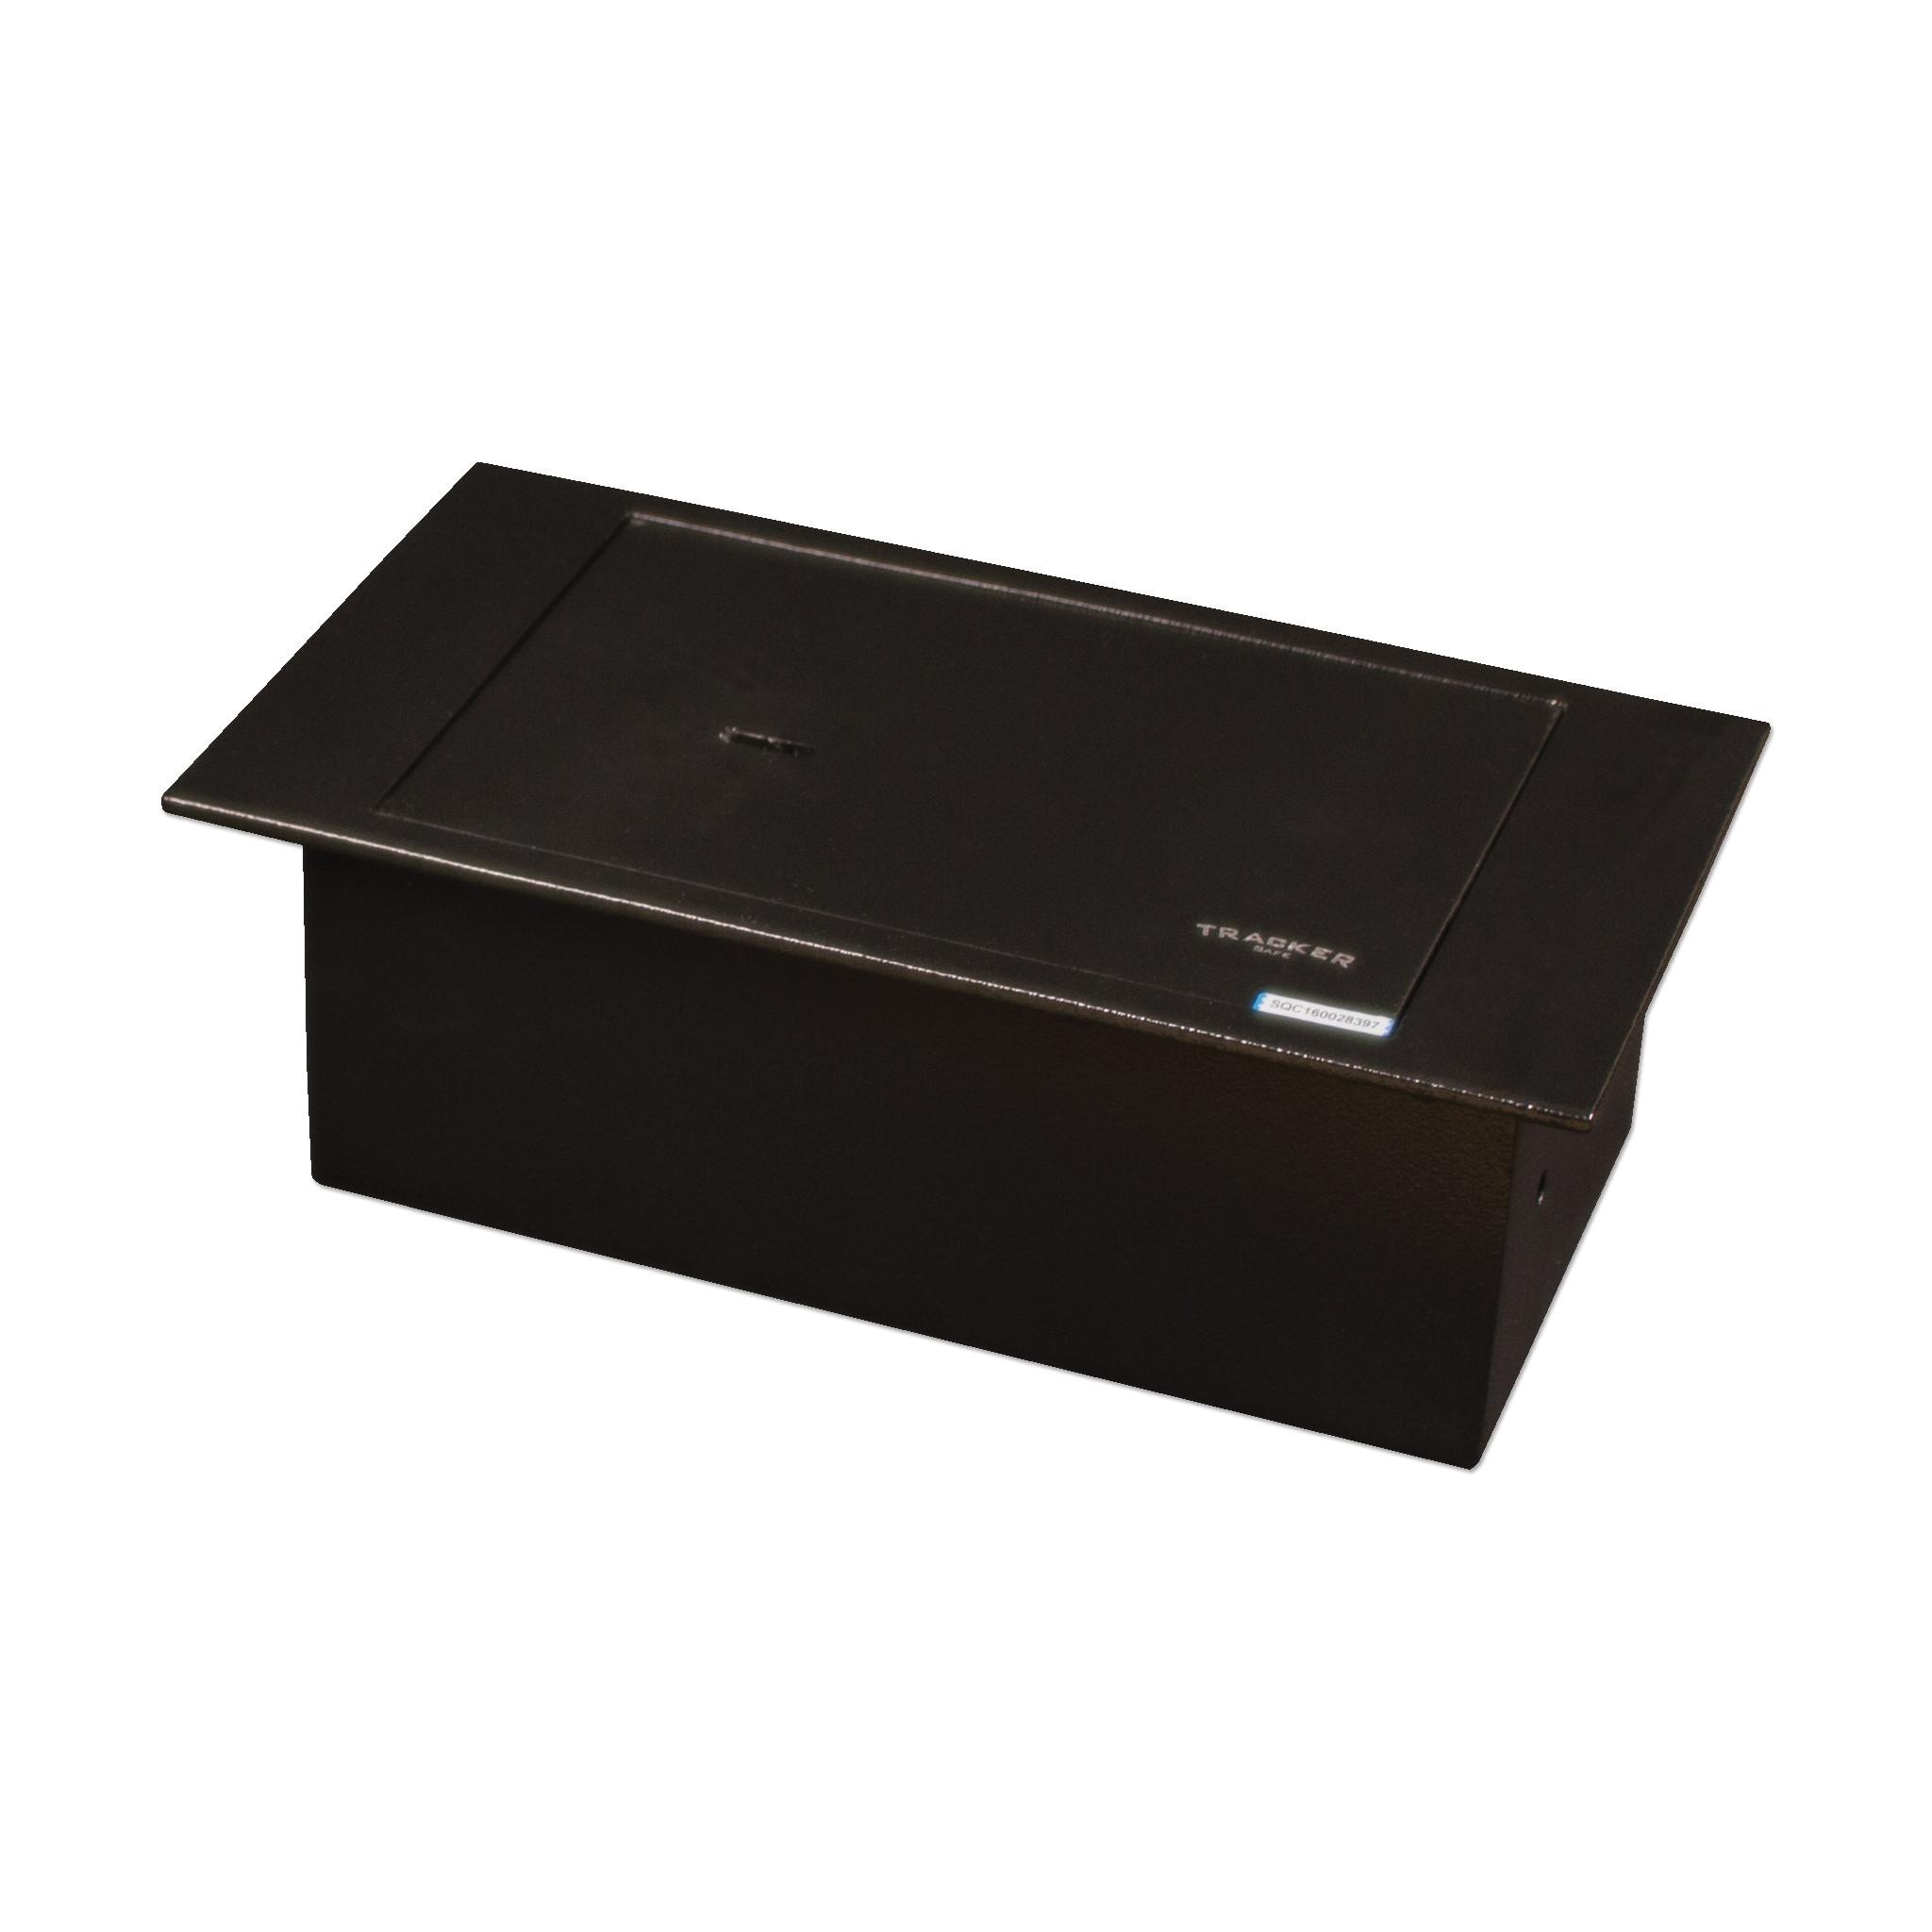 tracker series model fs051508k floor safe - Floor Safes